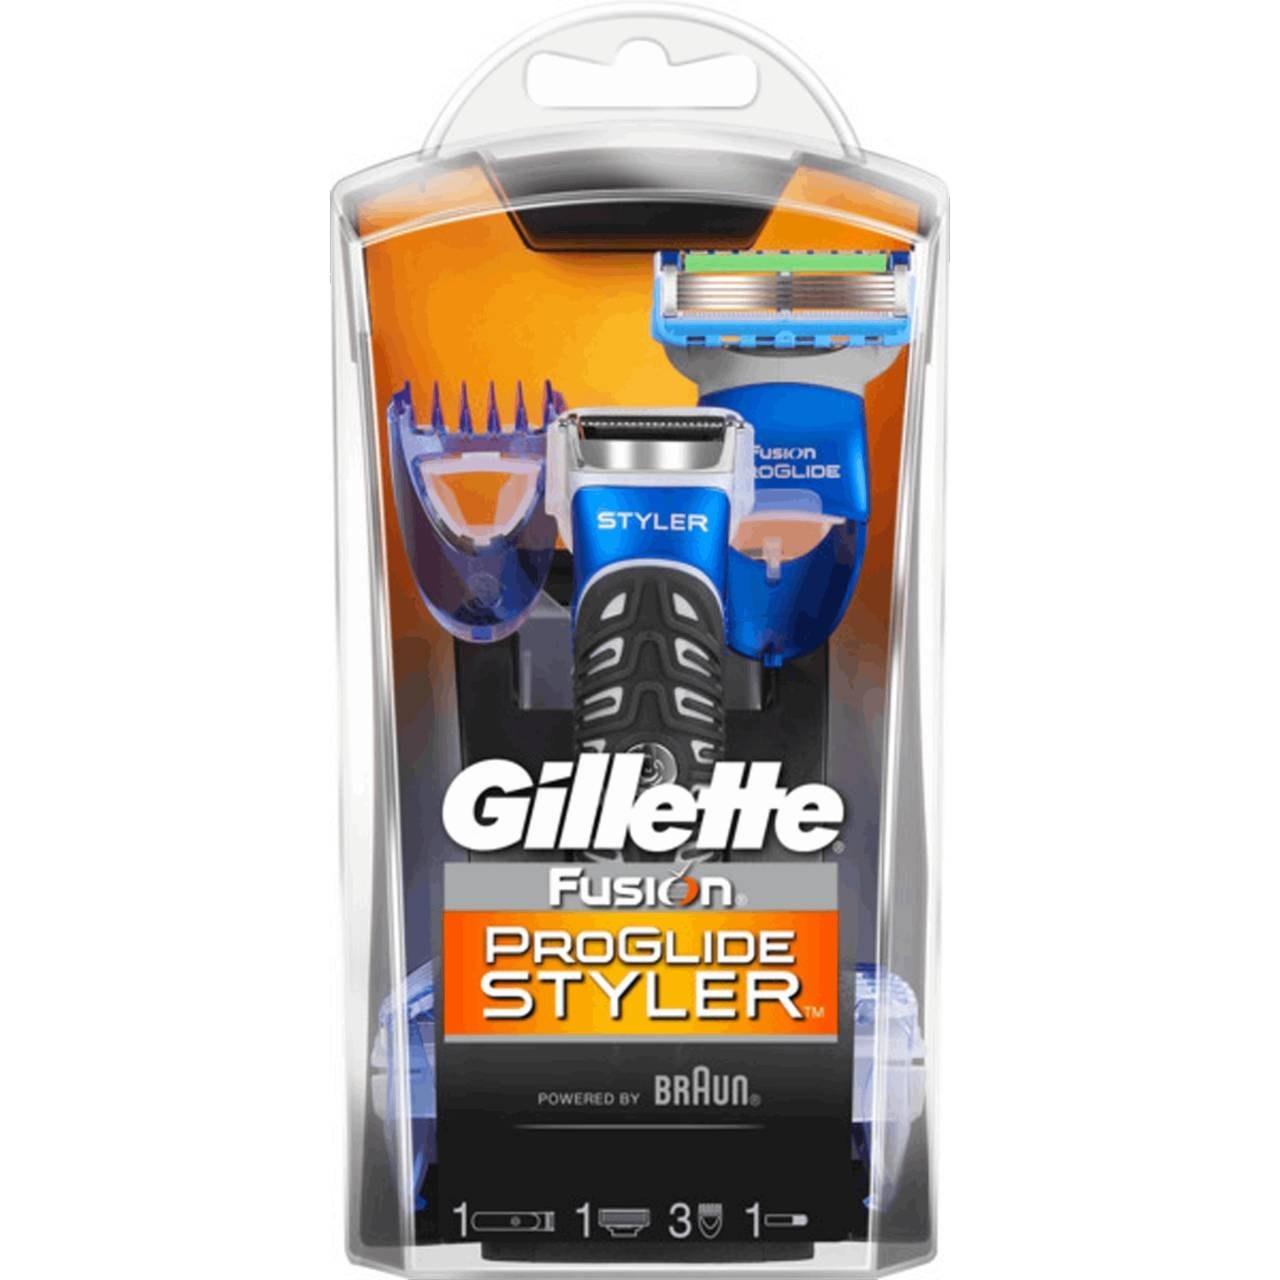 عکس دستگاه ژیلت پروگلاید استایلر 3 شانه اصل آلمان Gellete Styler  دستگاه-ژیلت-پروگلاید-استایلر-3-شانه-اصل-المان-gellete-styler